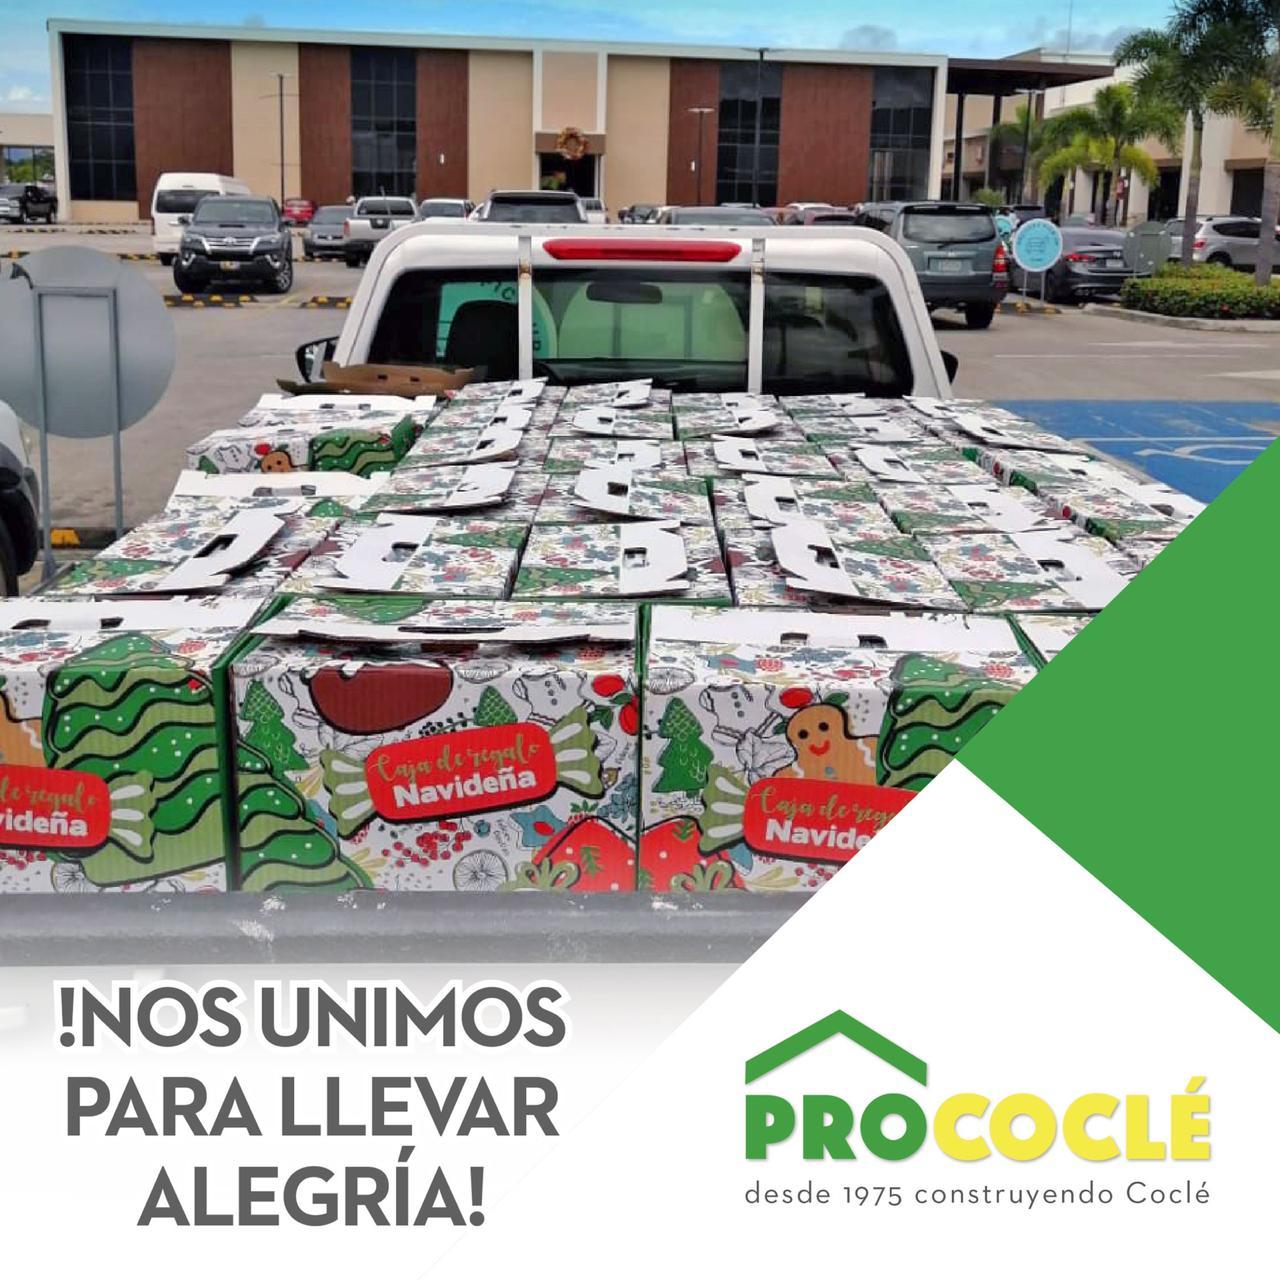 IMG-20201223-WA0041 - PORTADA